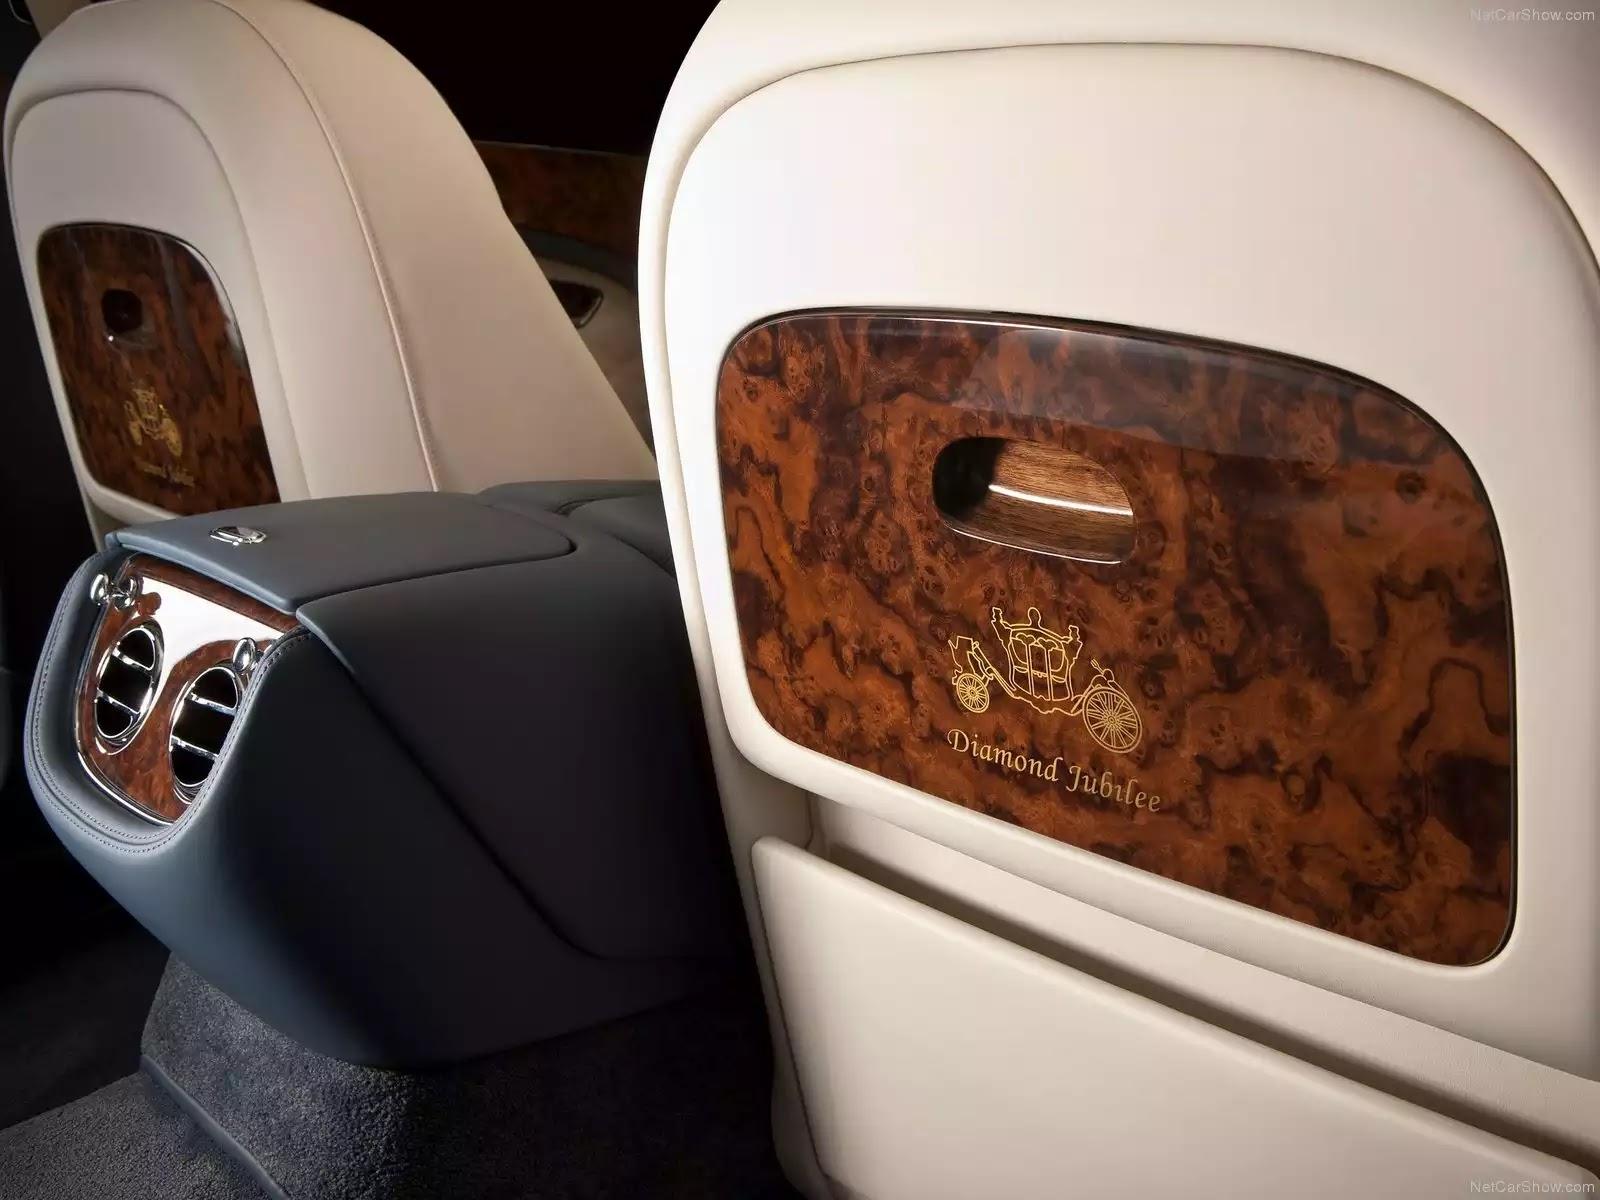 Hình ảnh xe ô tô Bentley Mulsanne Diamond Jubilee 2012 & nội ngoại thất